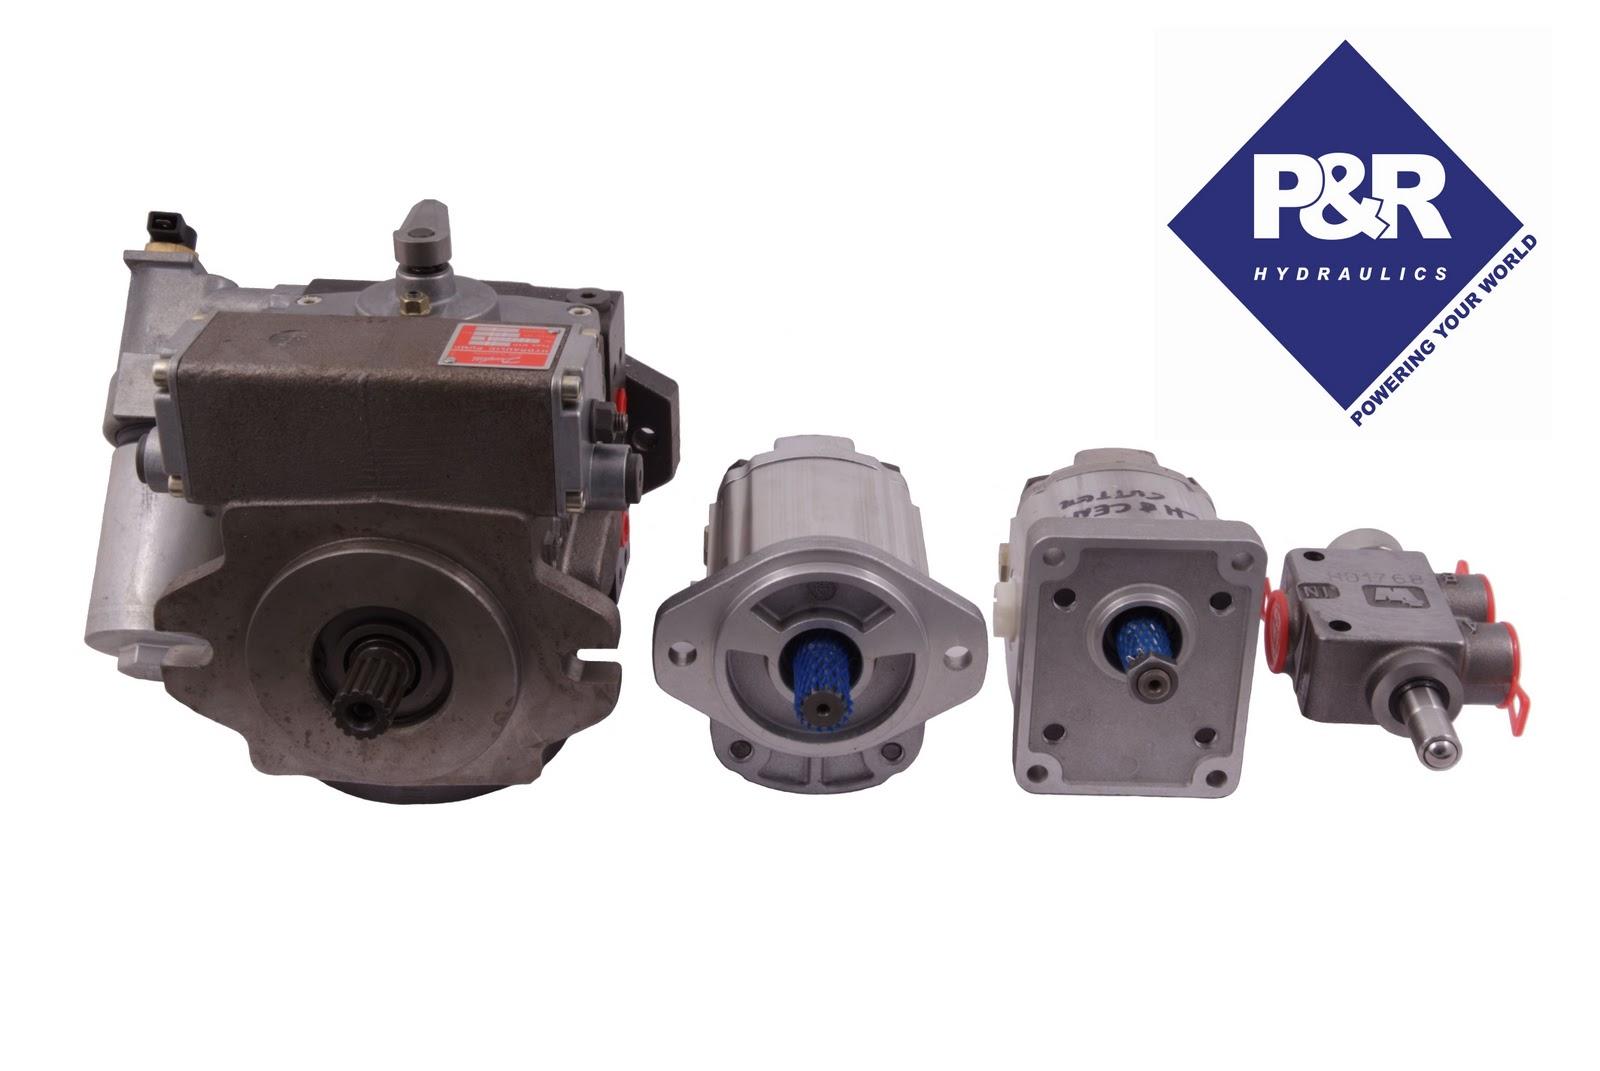 Turf Maintenance Hydraulics By P R Hydraulics Ltd